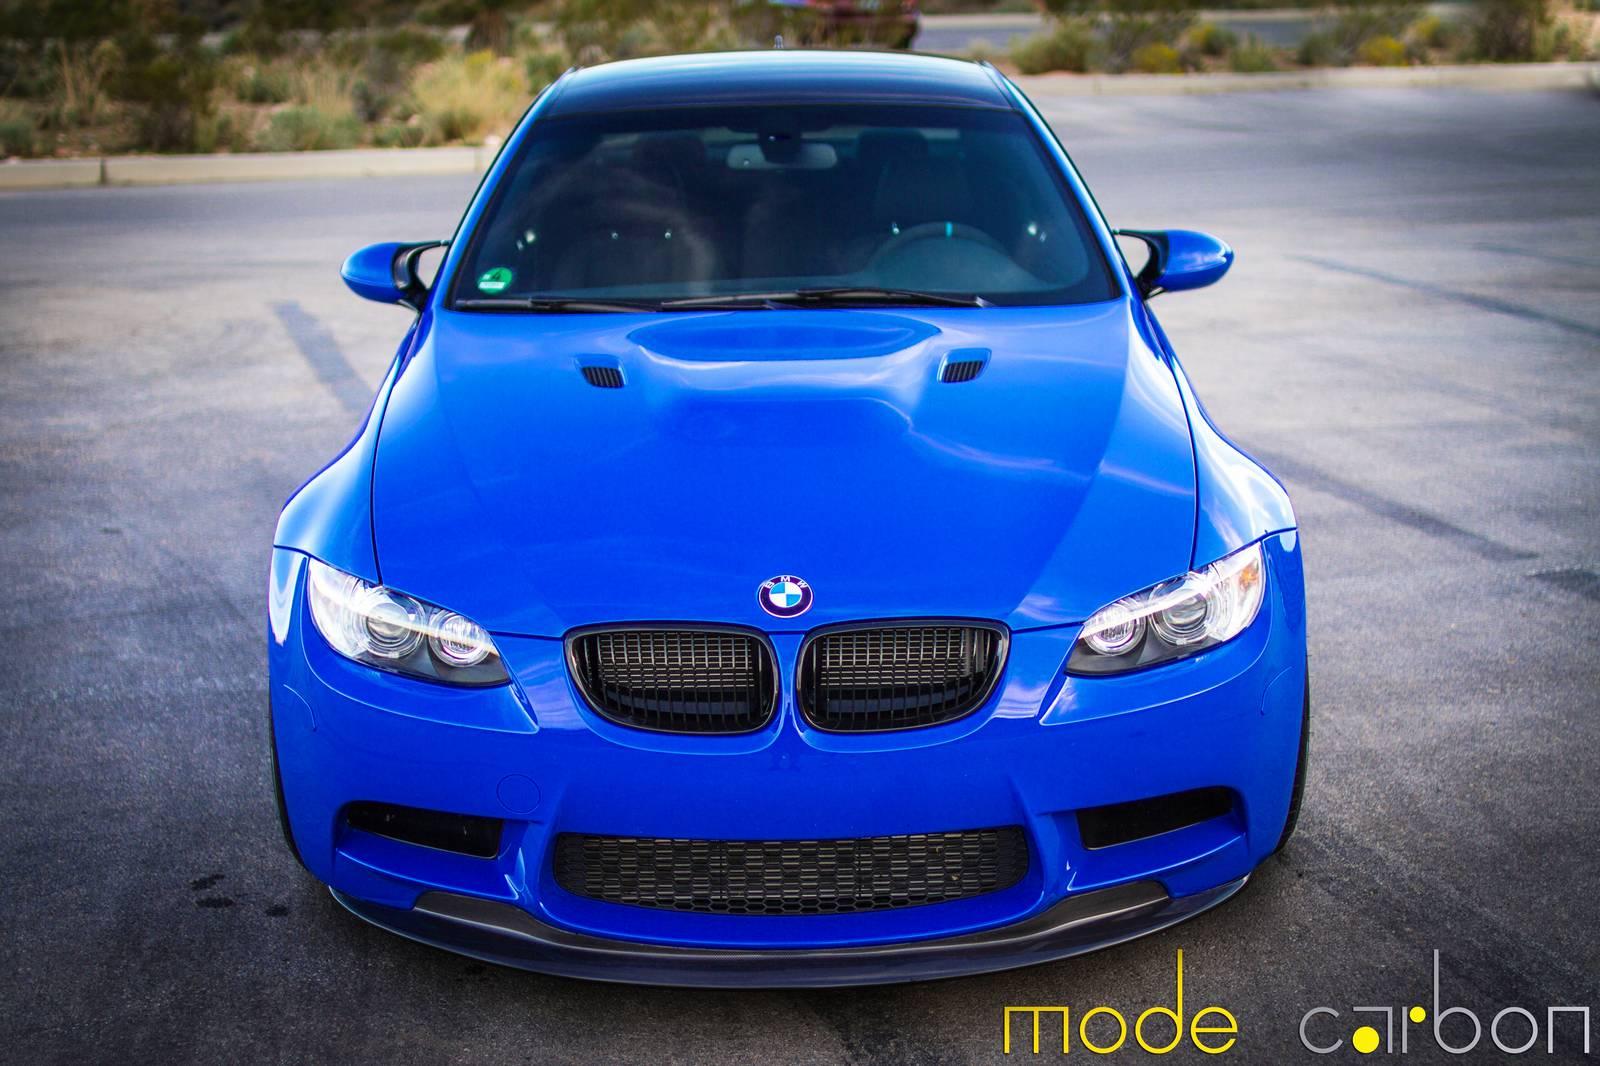 Santorini blue bmw e92 m3 by mode carbon for Santorini blue paint